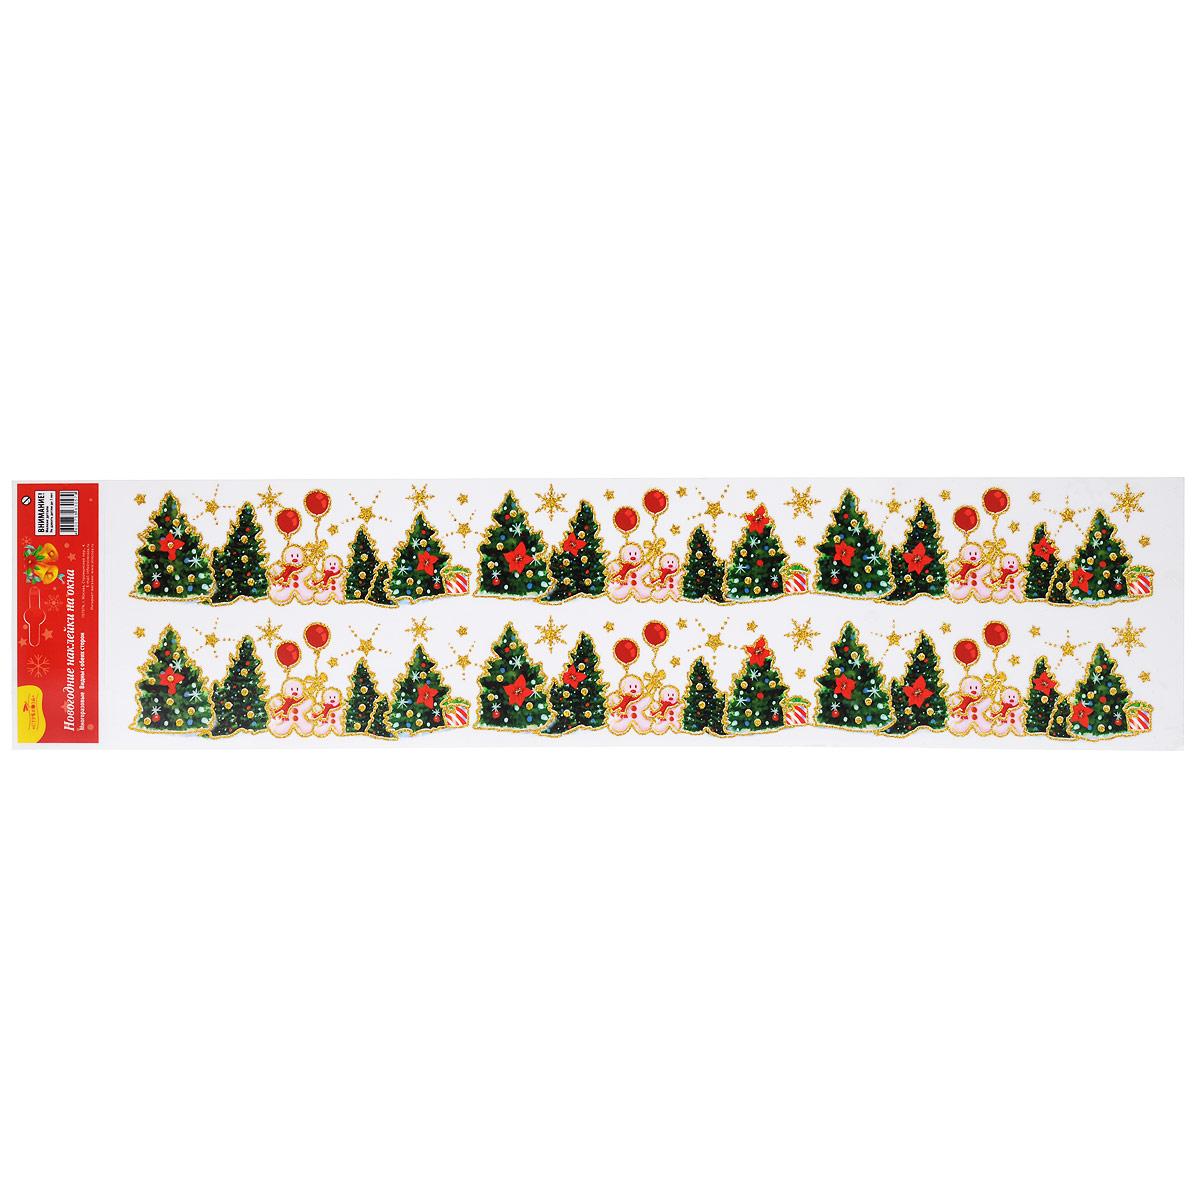 """Наклейки на окна """"Стрекоза"""" в виде традиционных рождественских героев и игрушек помогут вам изменить облик комнаты за считанные минуты и создадут особенное предновогоднее настроение. Красочный рисунок с золотыми контурами нанесен на прозрачную основу, благодаря чему наклейки видны с обеих сторон стекла. Кроме того, они легко отклеиваются и могут быть использованы многократно. Превратите ваш дом в сказочное королевство!"""